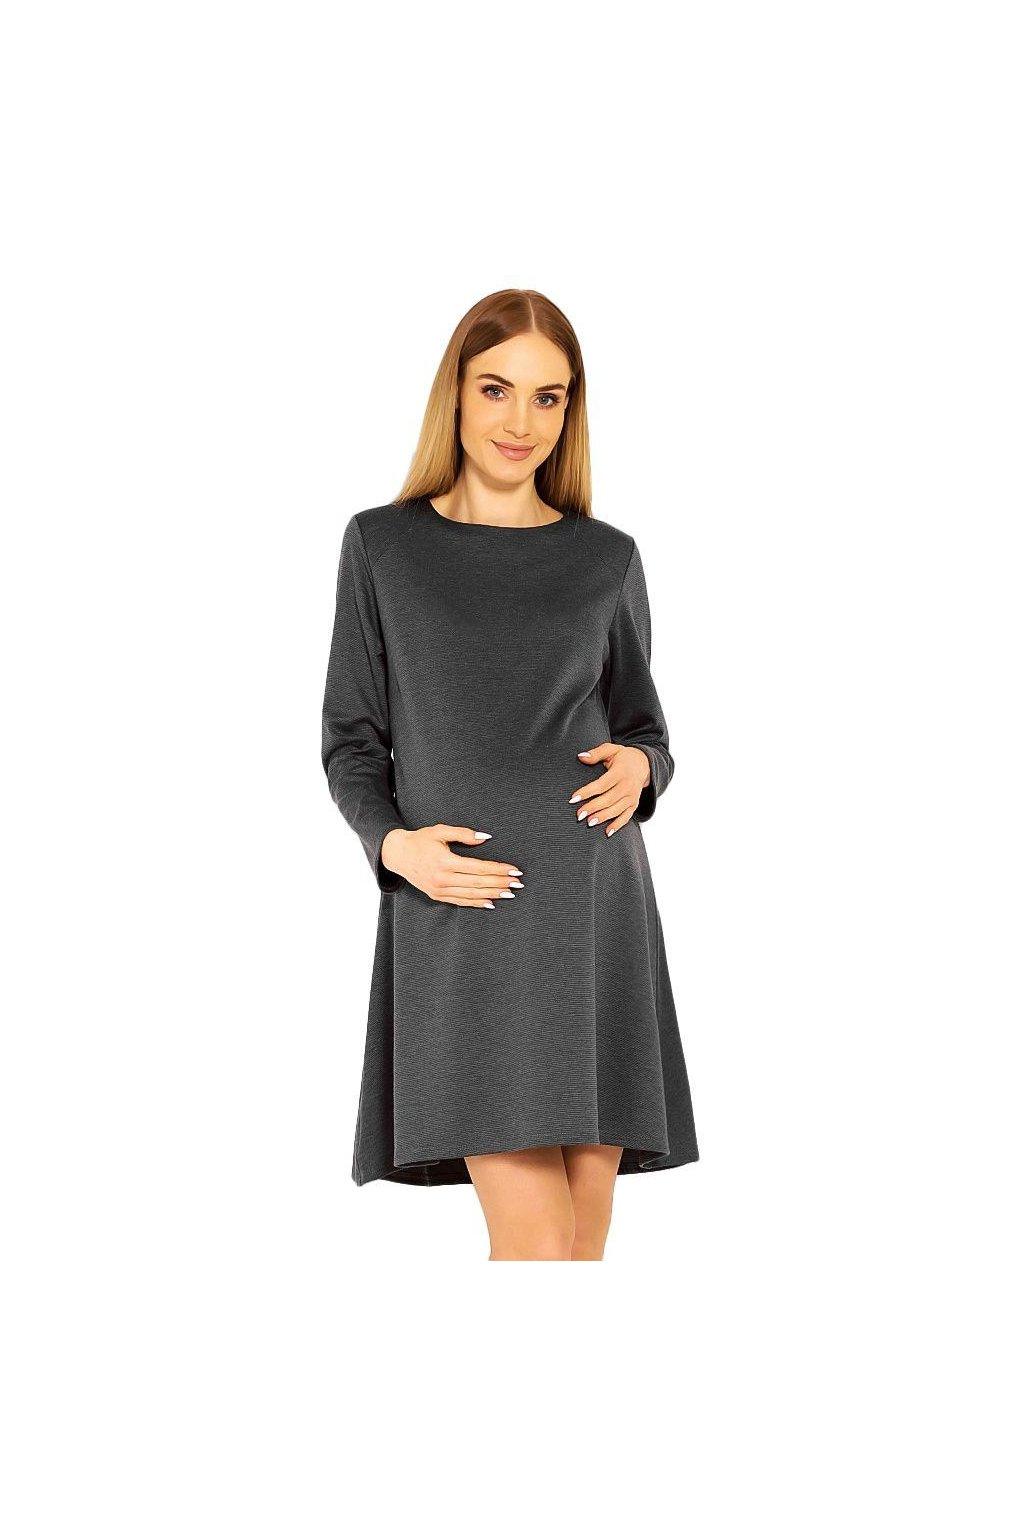 Těhotenské šaty Nathy šedé